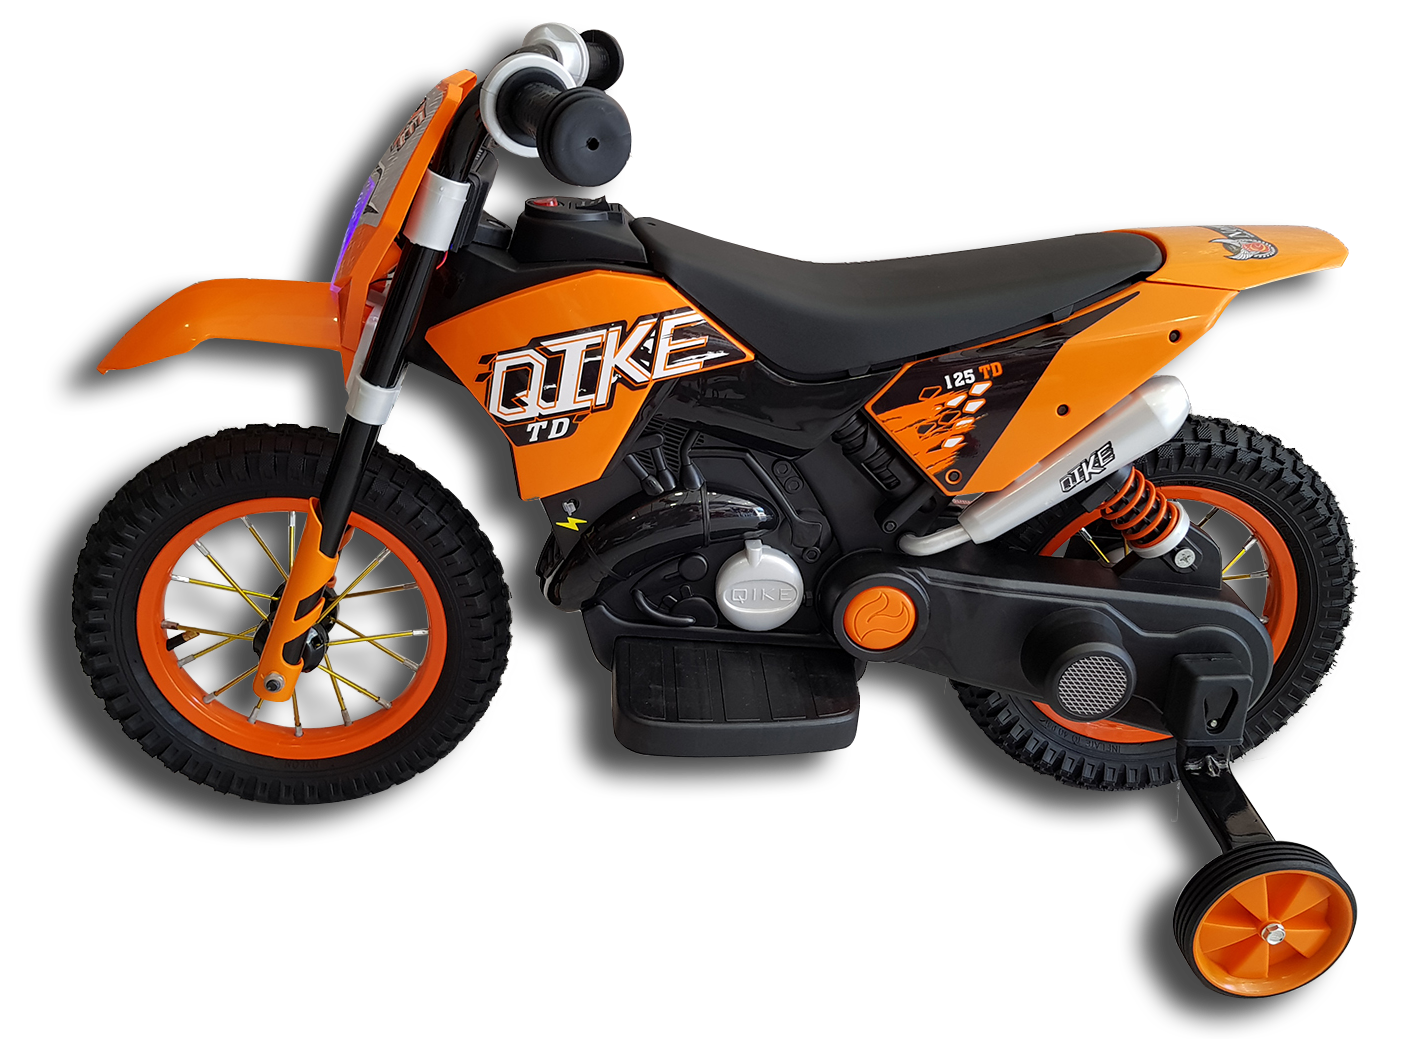 Πλαϊνή μεριά ηλεκτρικής παιδικής mini moto μηχανής ktm πορτοκαλί